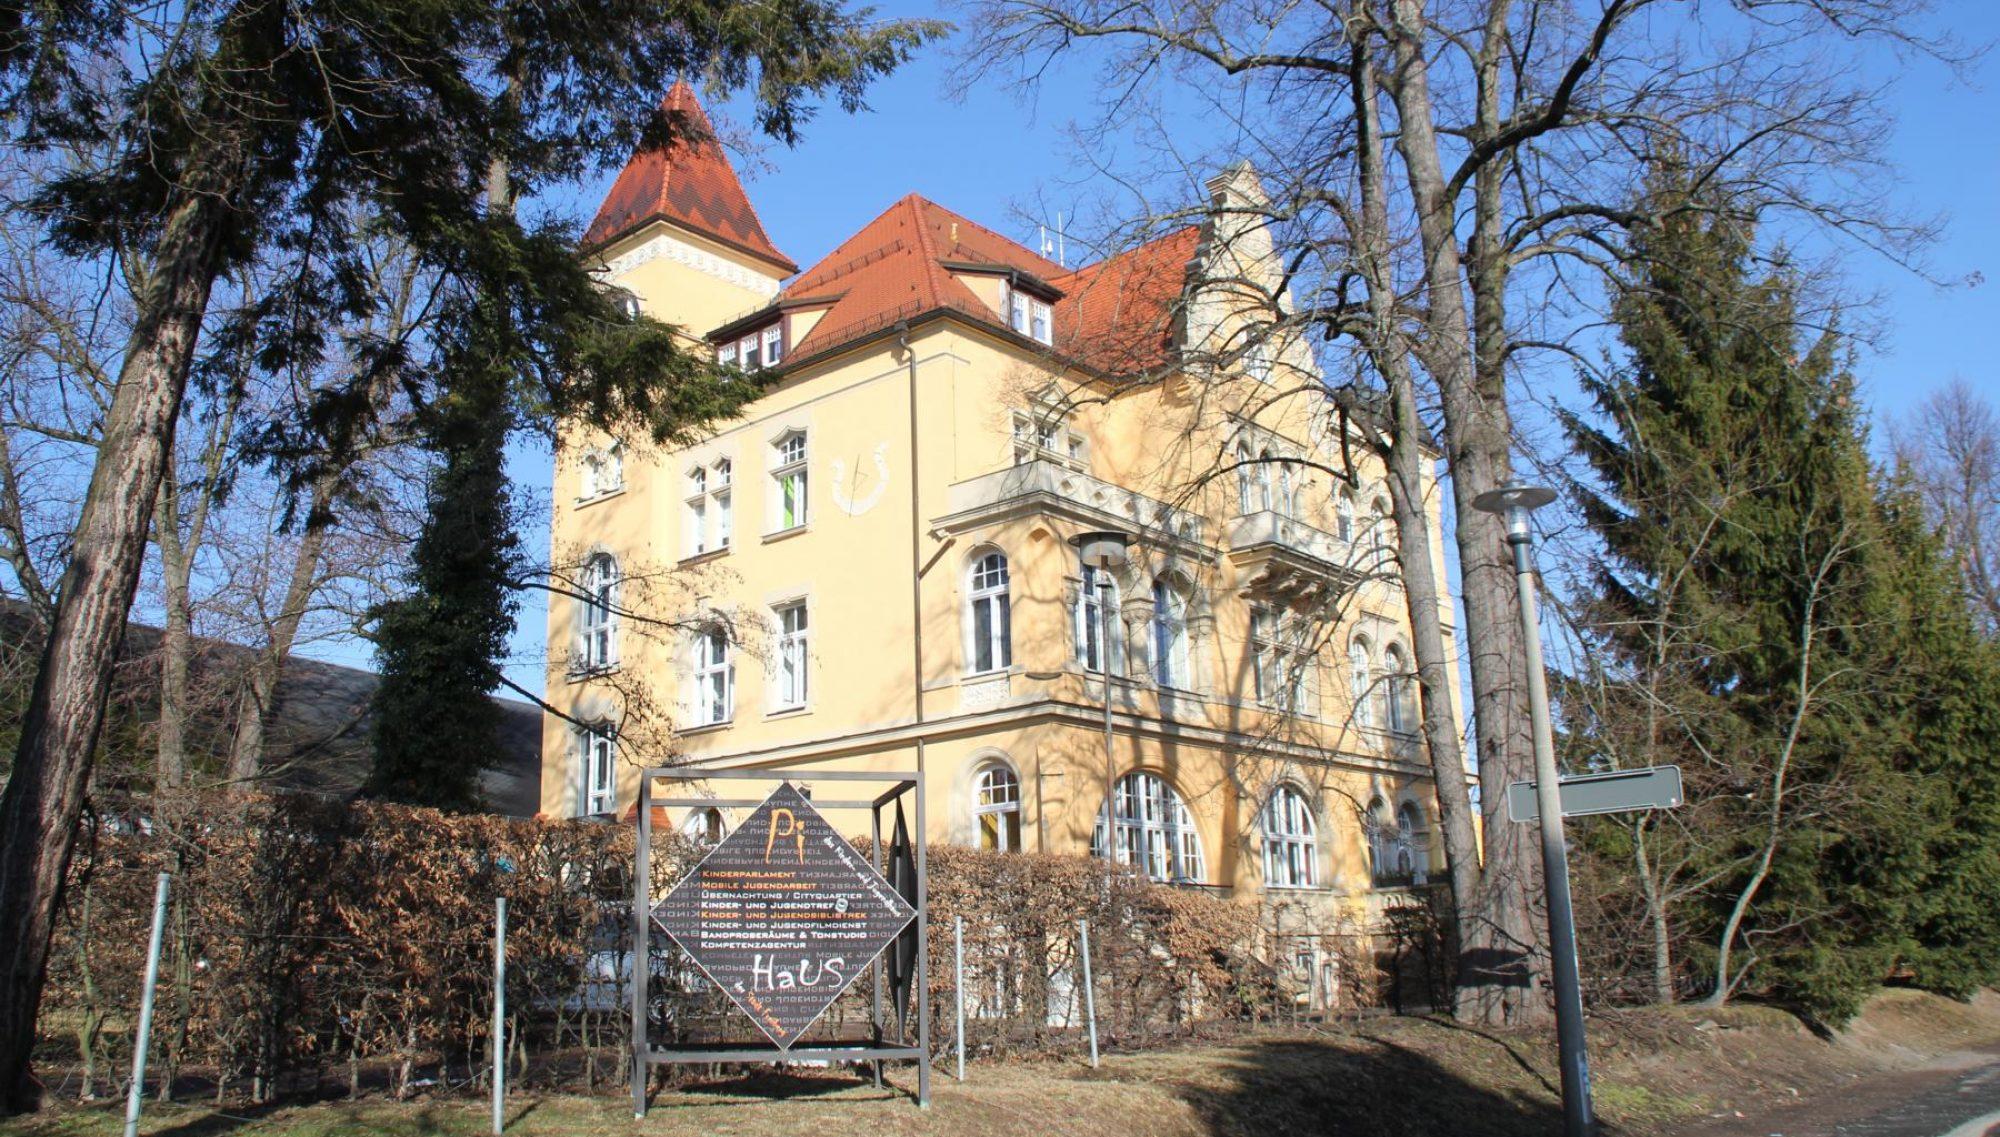 Das Kinder - und Jugendzentrum der Stadt Freiberg